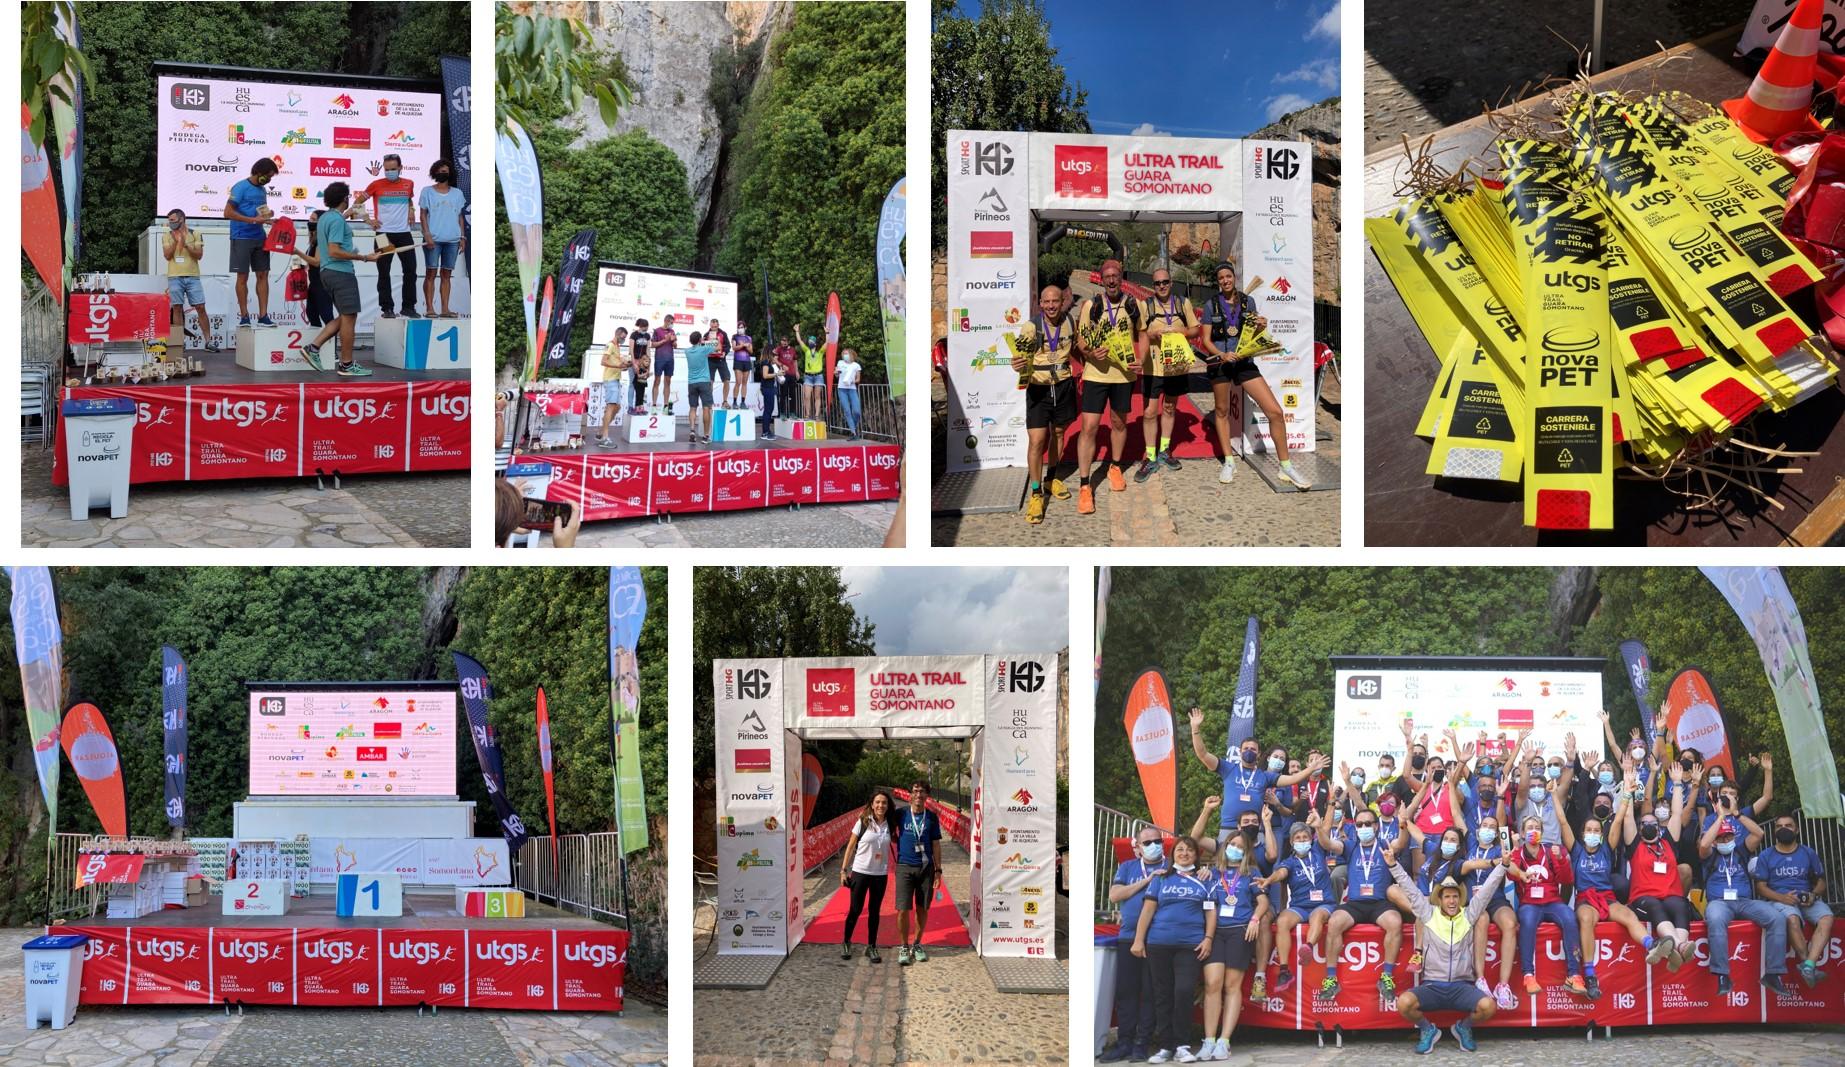 AV-arco-de-meta-premios-Voluntarios-Novapet-UTGS-2021